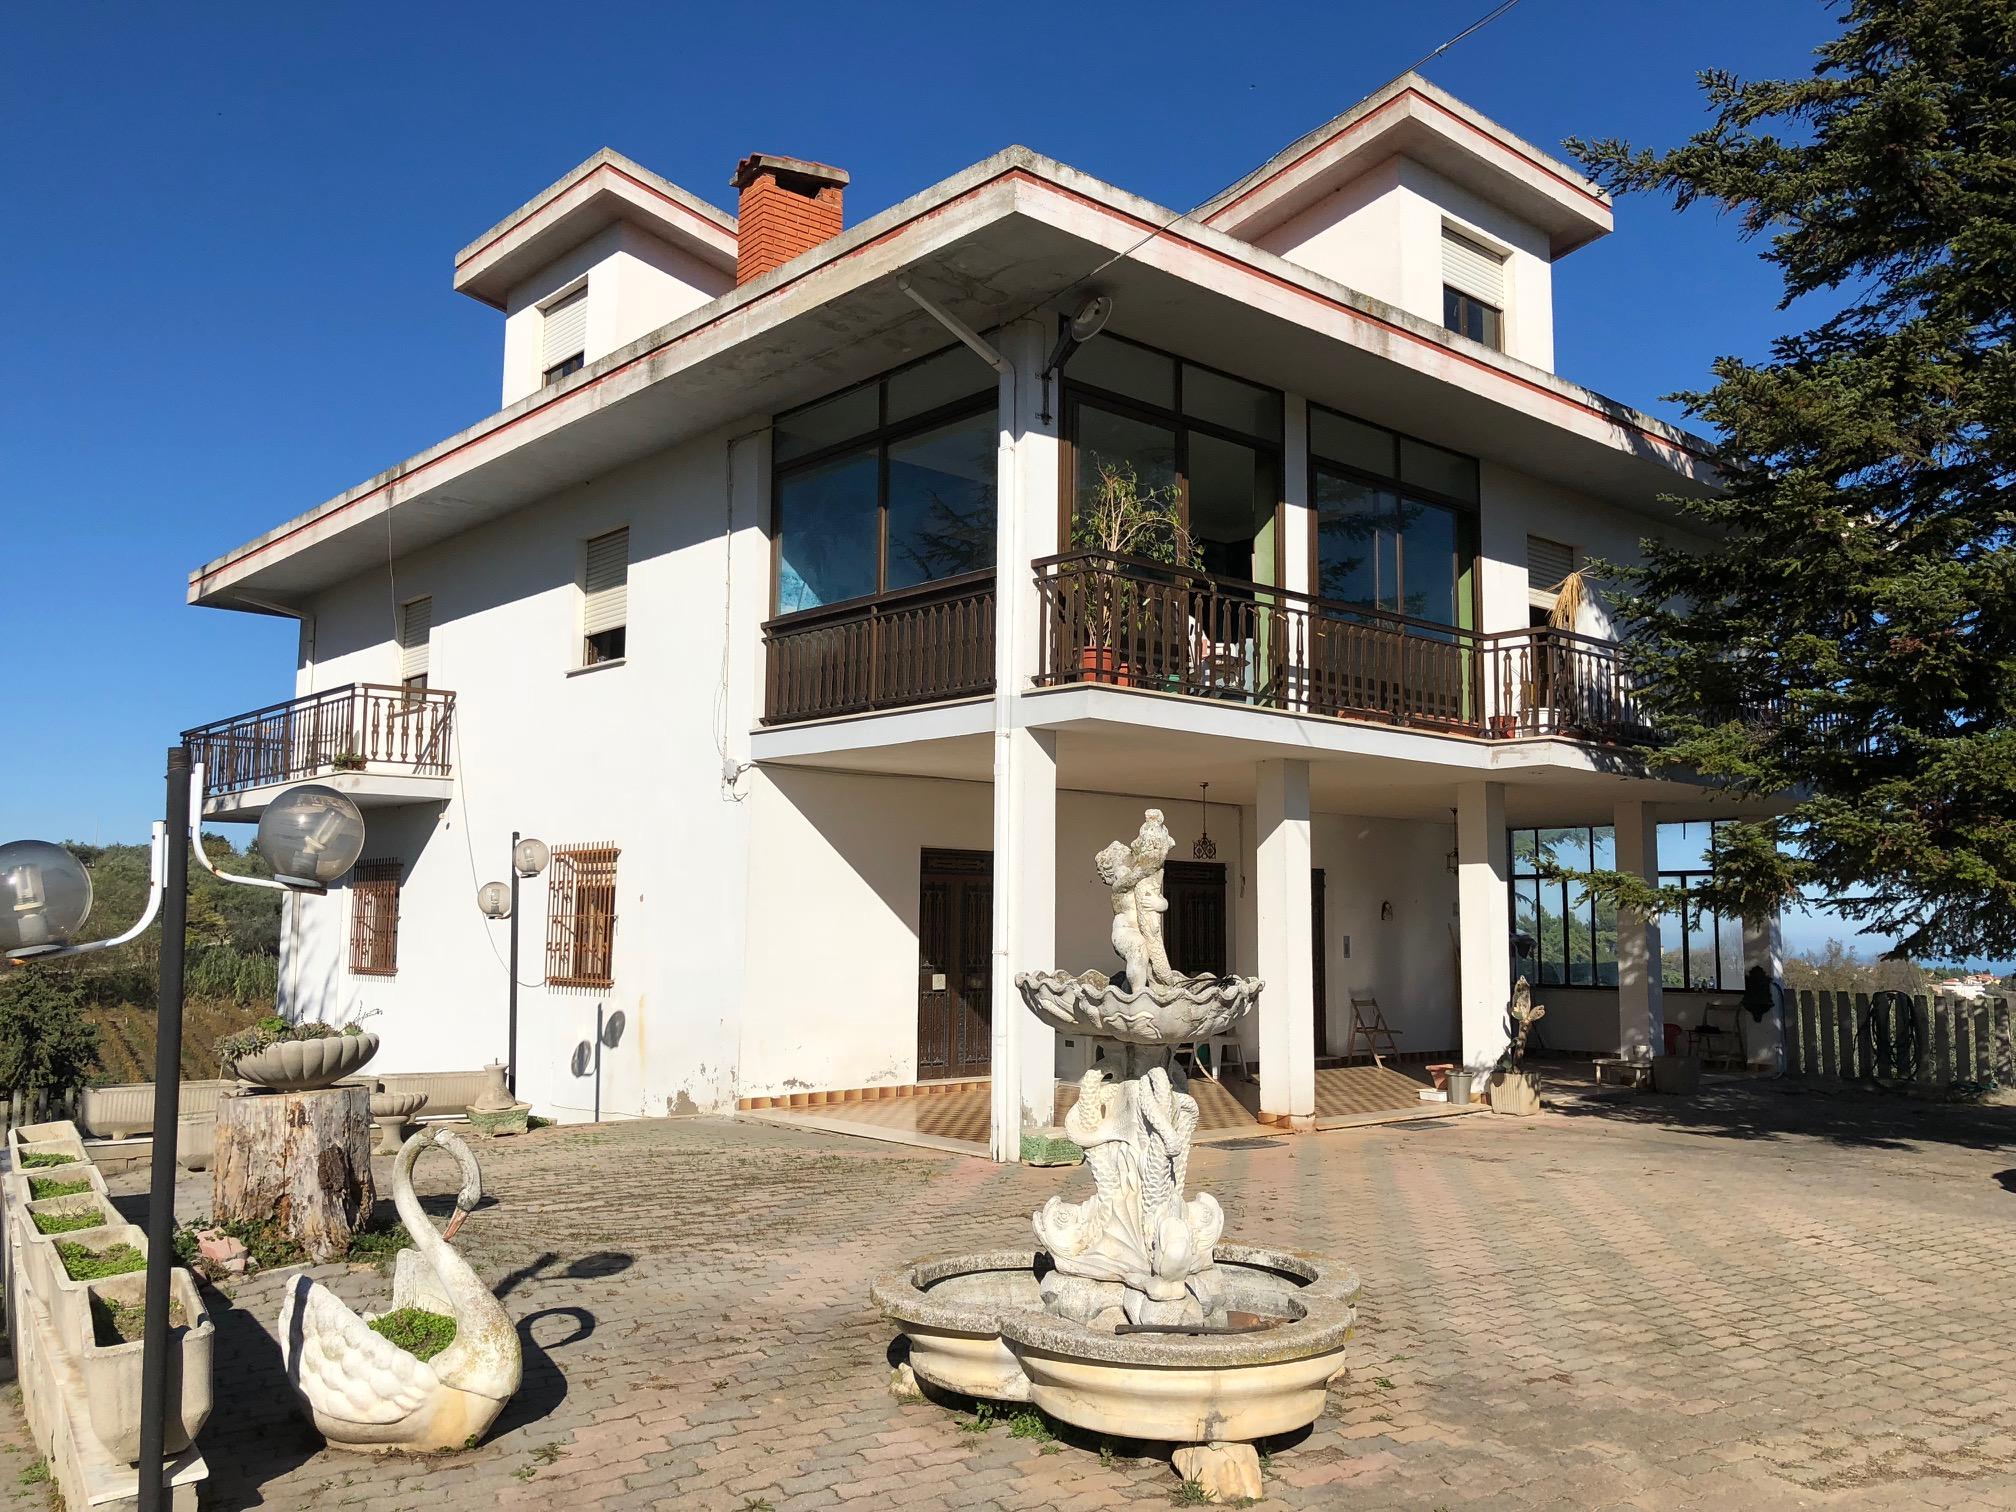 Rif 1107 Casalbordino (CH) – Villa con vista mare – € 280000